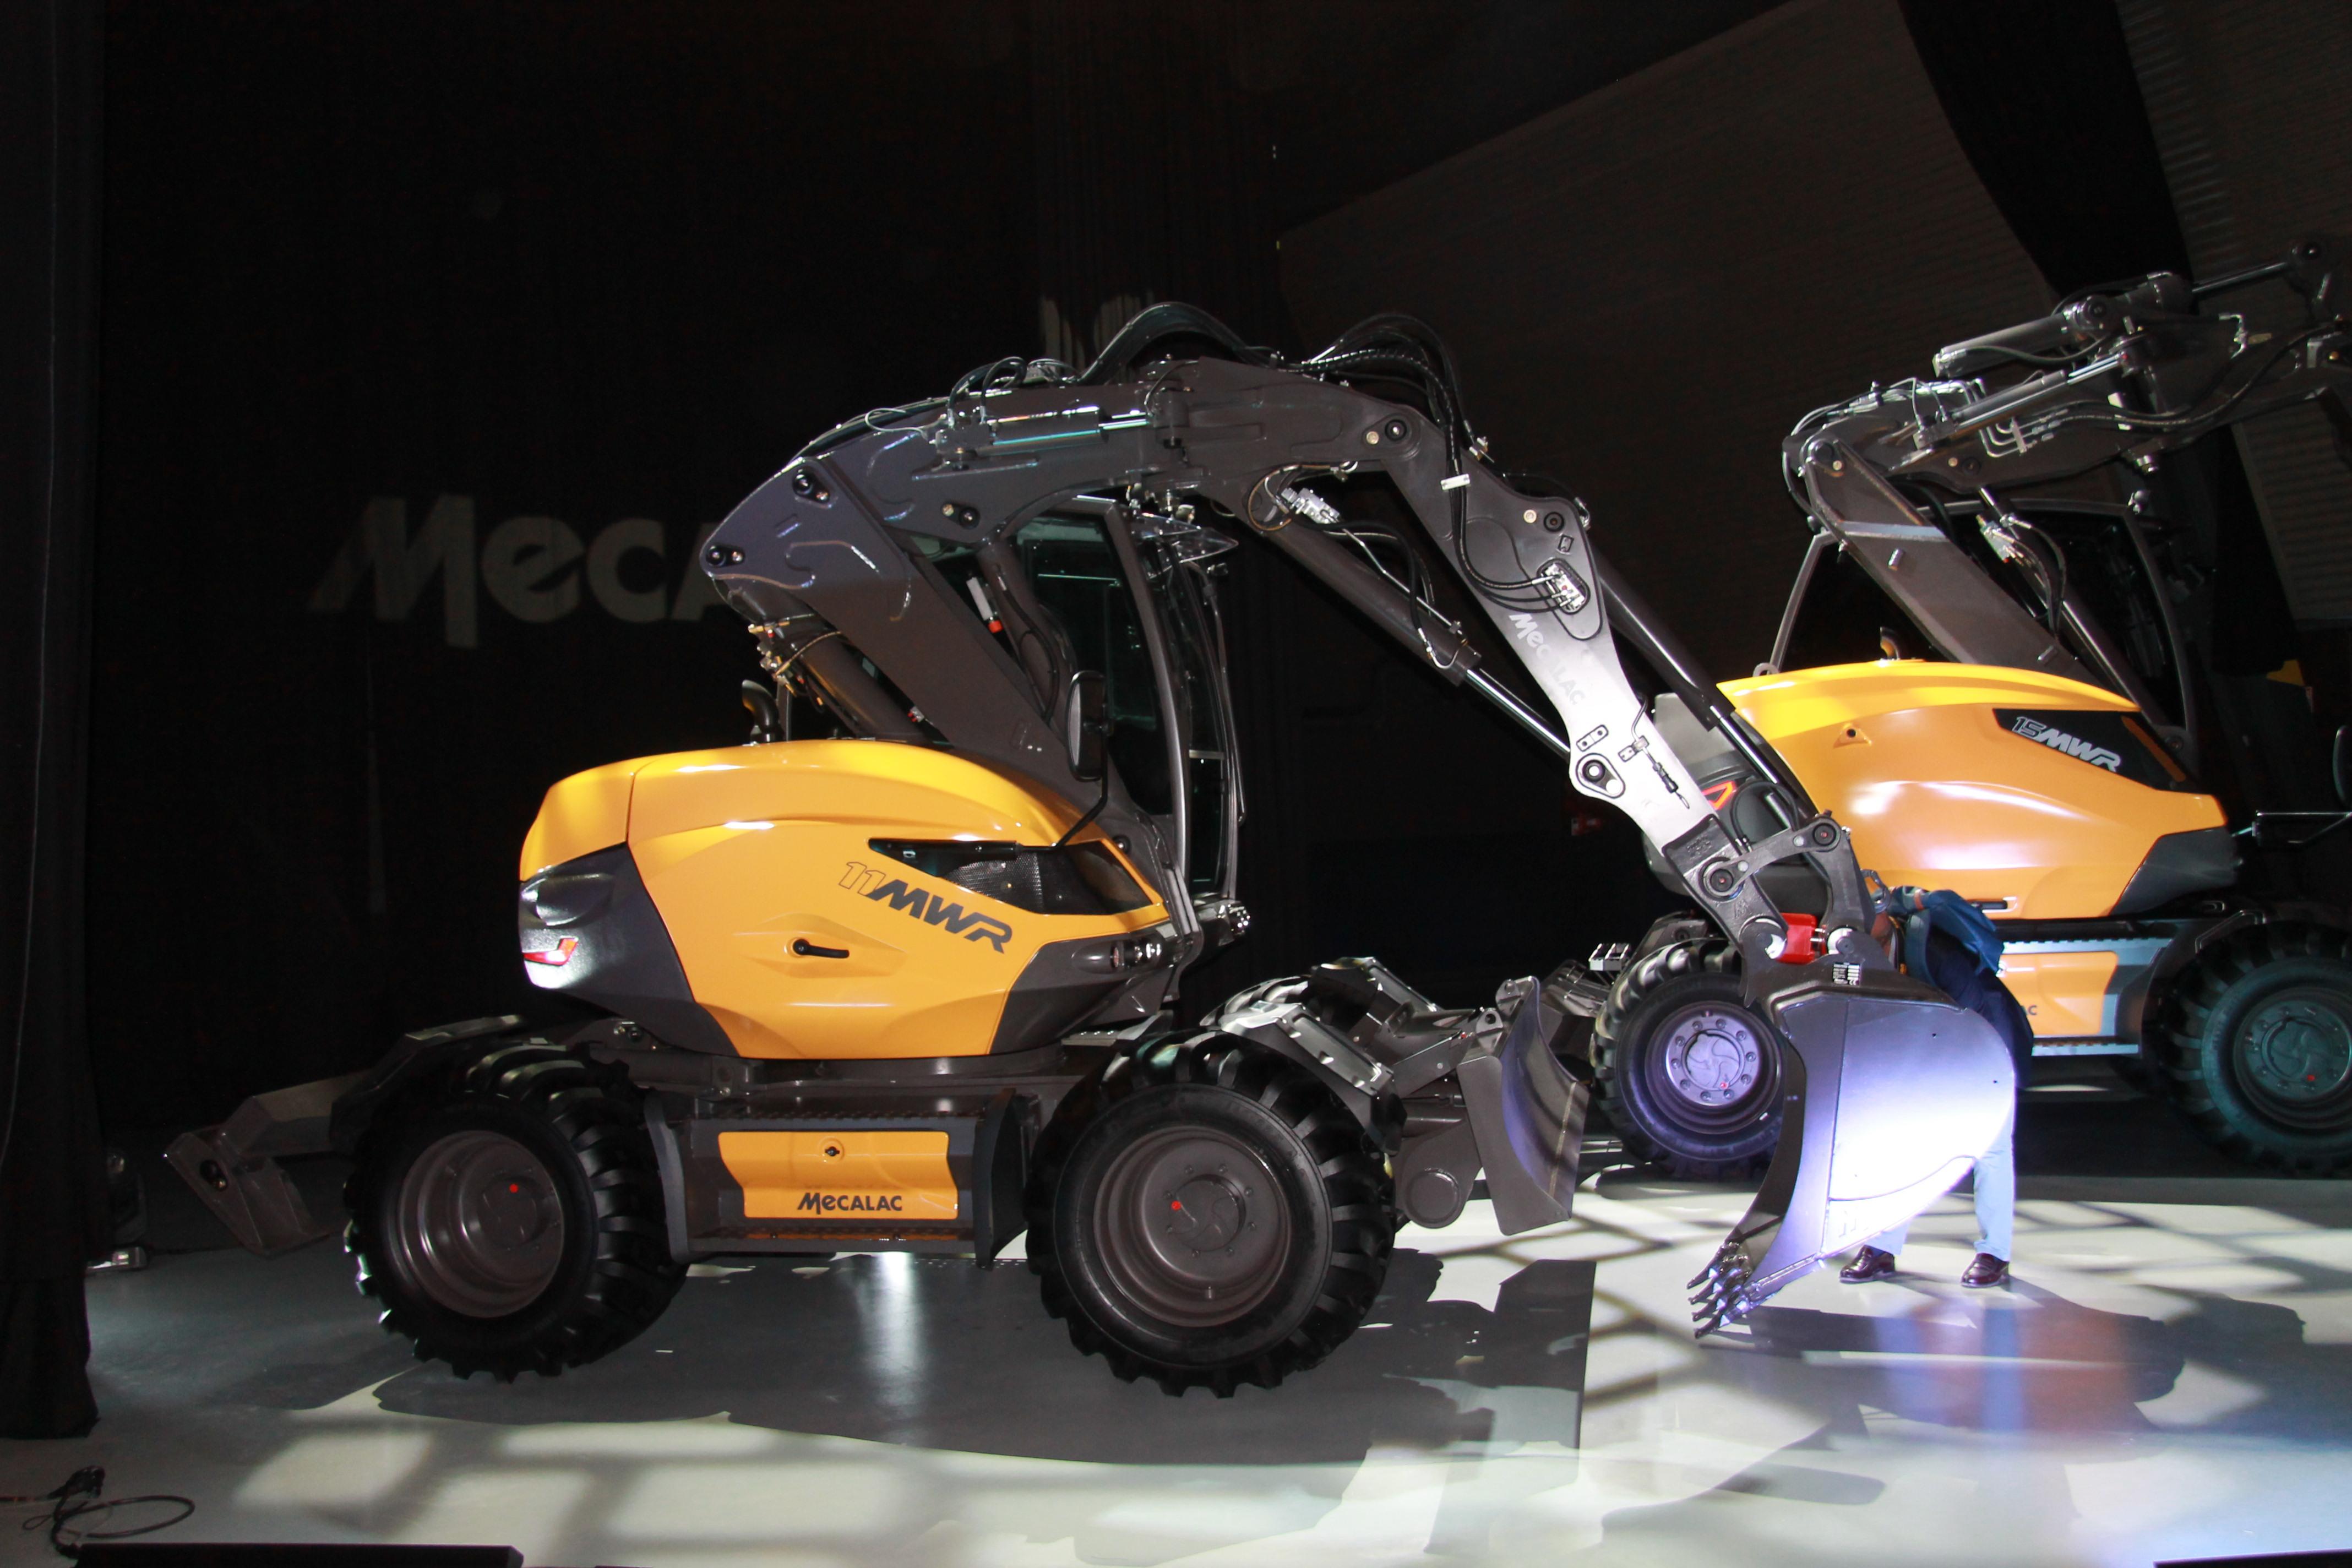 <p>De 11 MWR is de derde van de broers. Met deze machine heeft Mecalac een interessante speler in een steeds populairder wordende gewichtsklasse.</p>